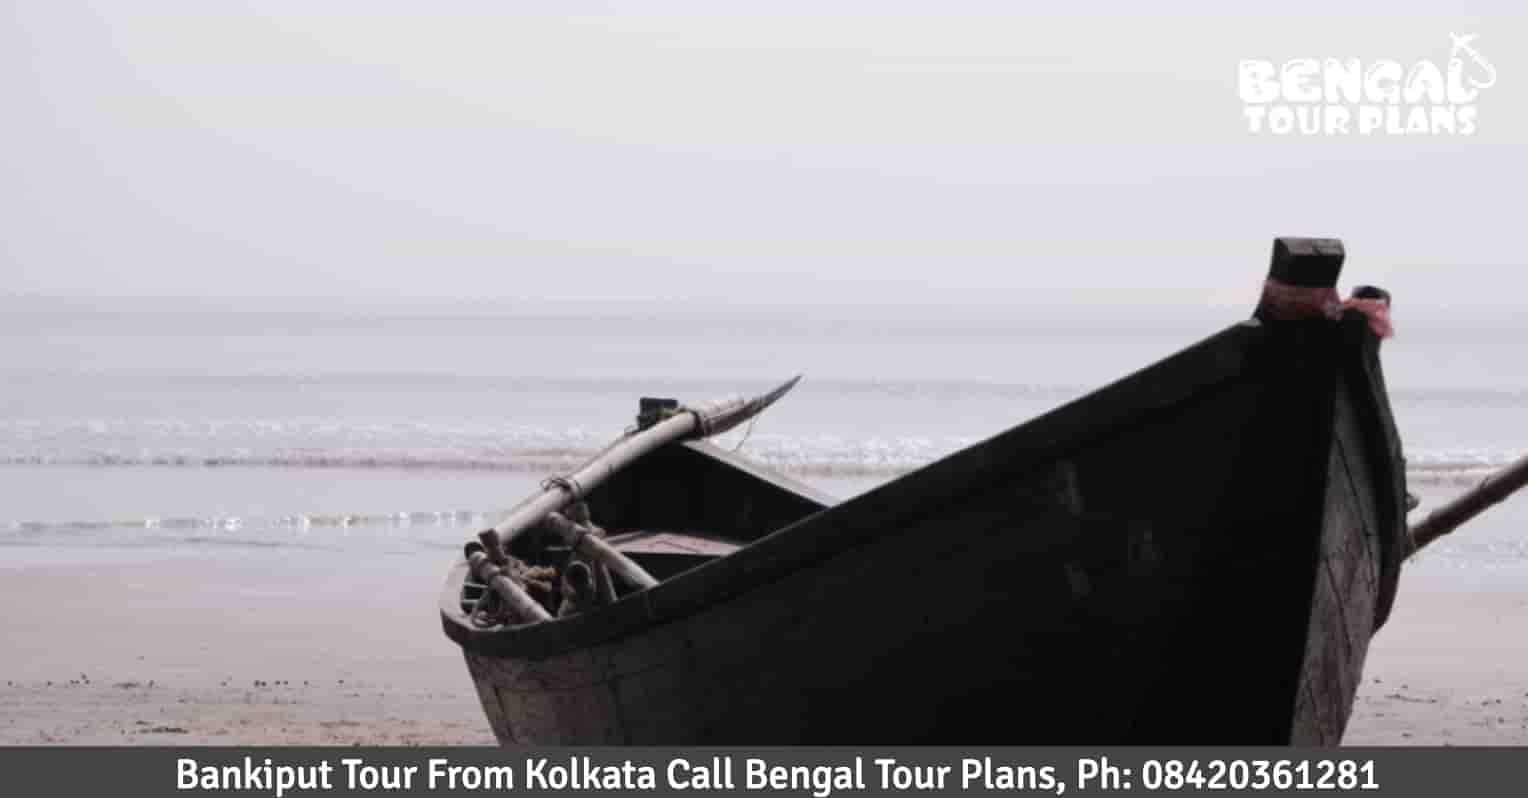 Bankiput Tour Package From Kolkata